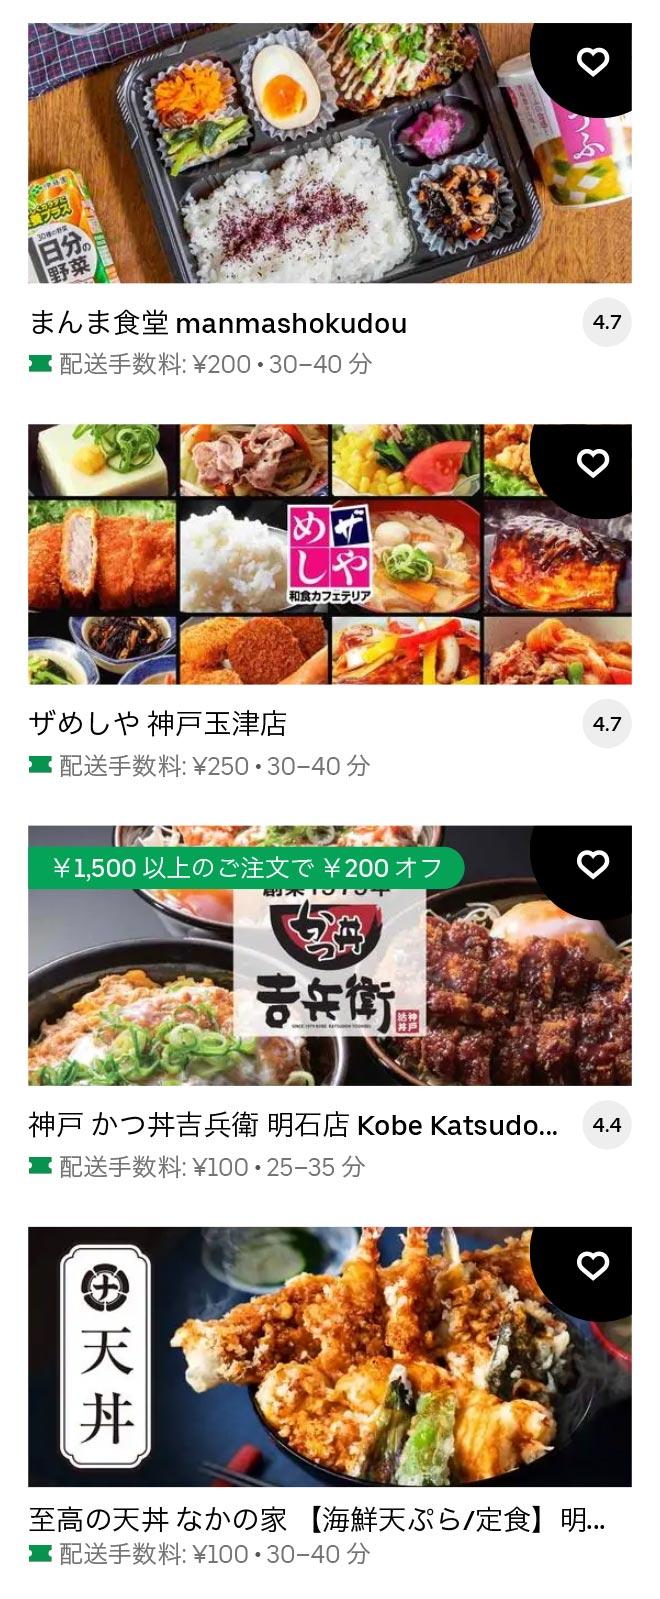 U sanyo akashi 2103 08